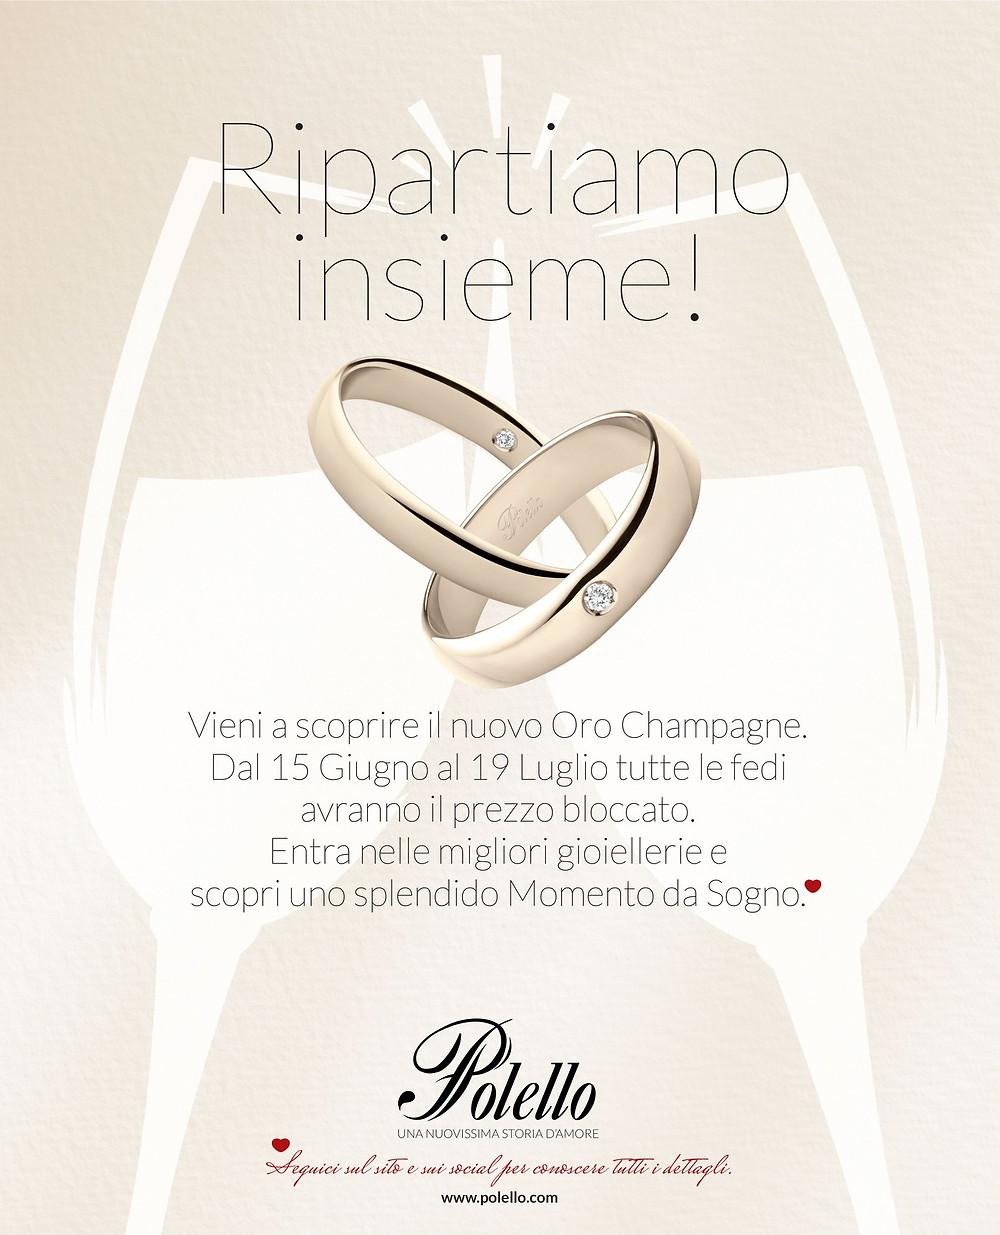 Polello, fedi, ripartiamo insieme, champagne